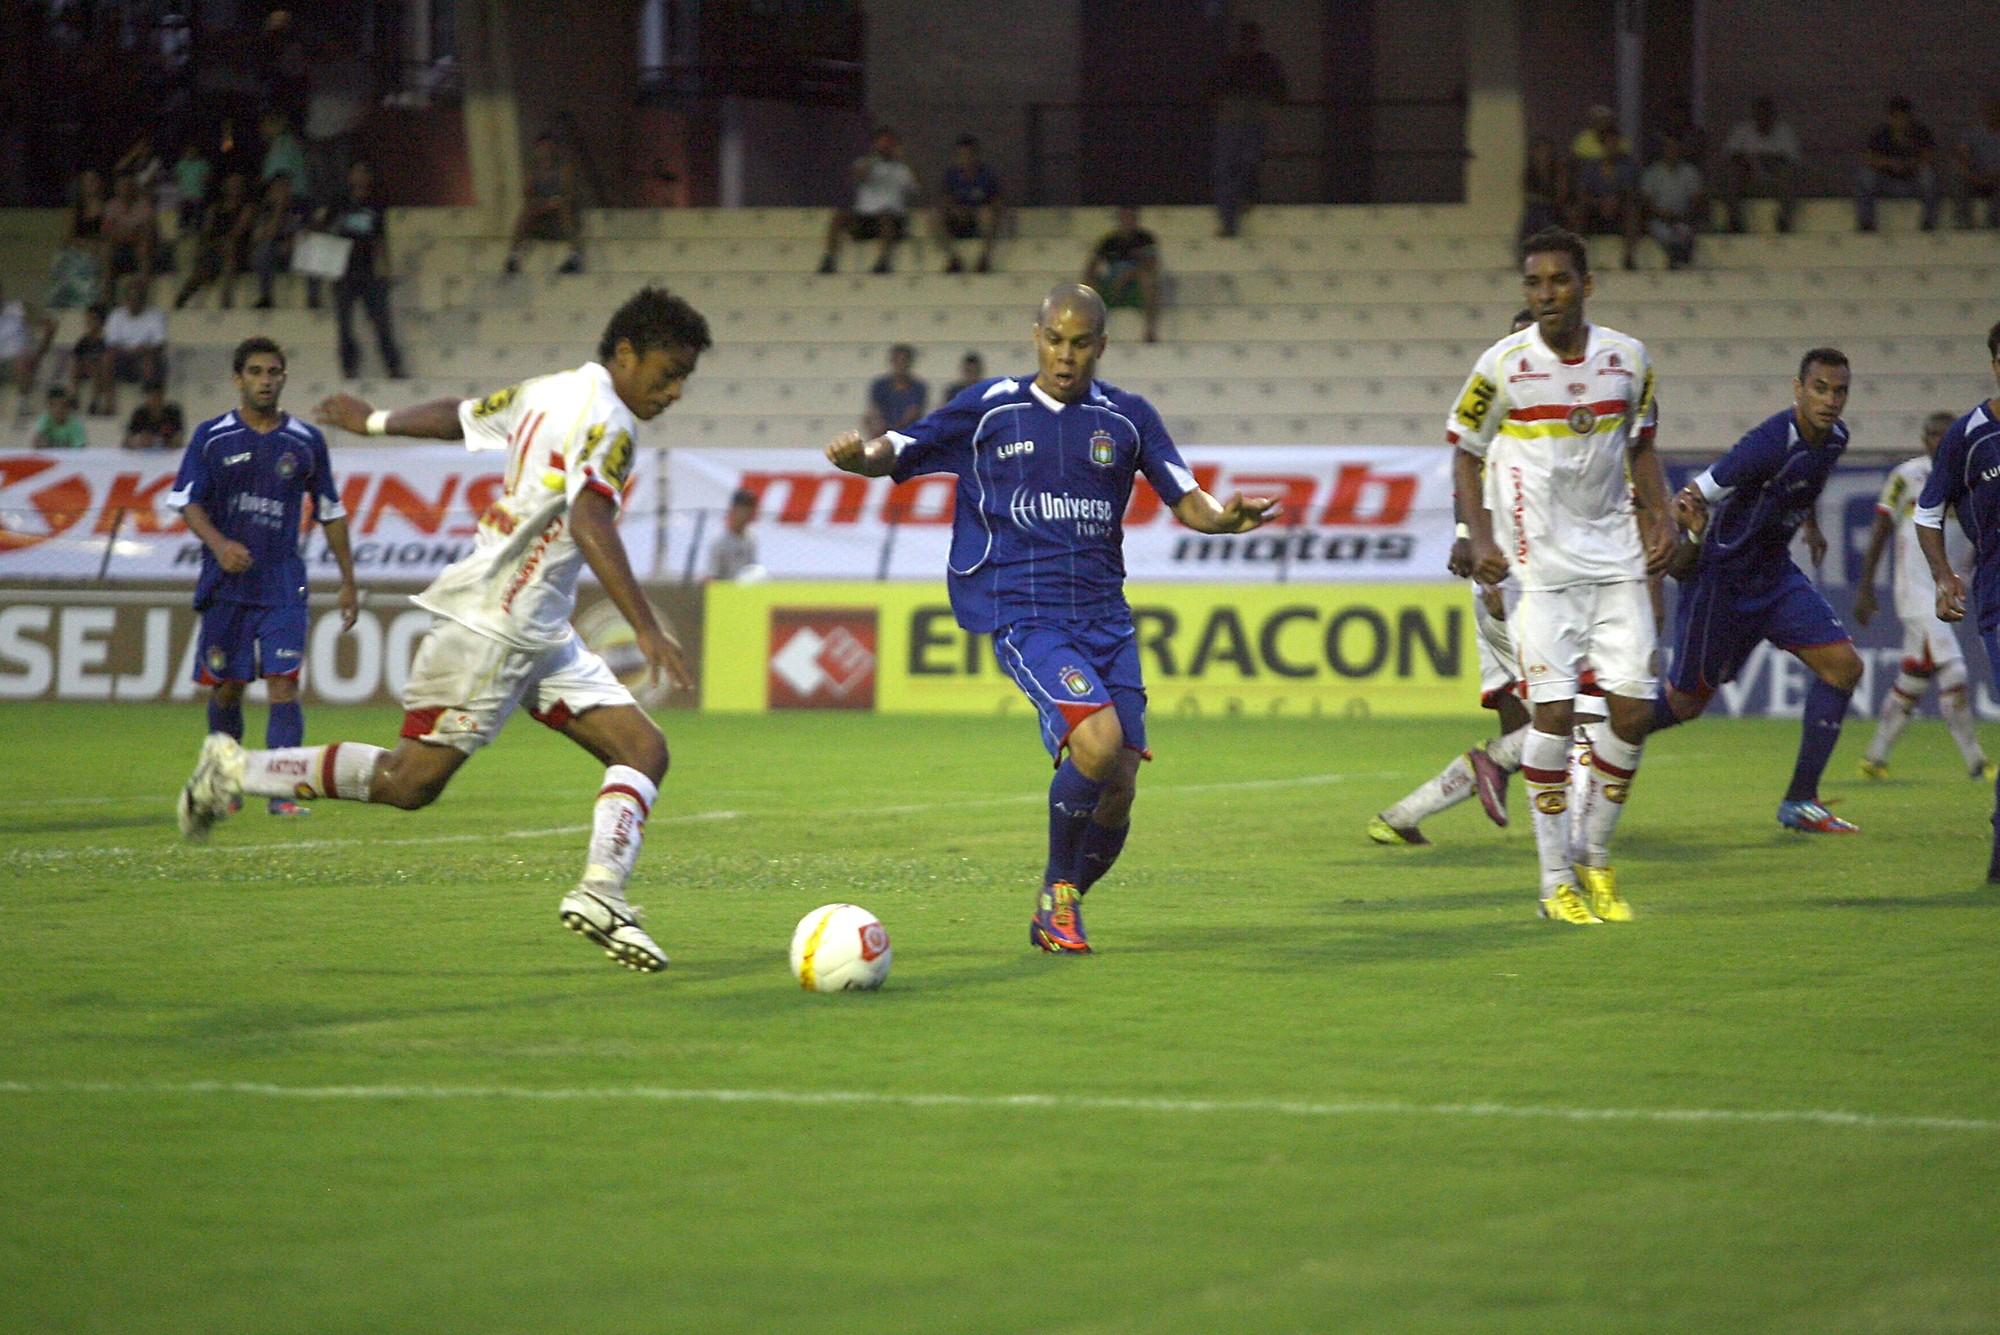 Atlético Sorocaba x São Caetano (Foto: Assis Cavalcante/Ag. Bom Dia)